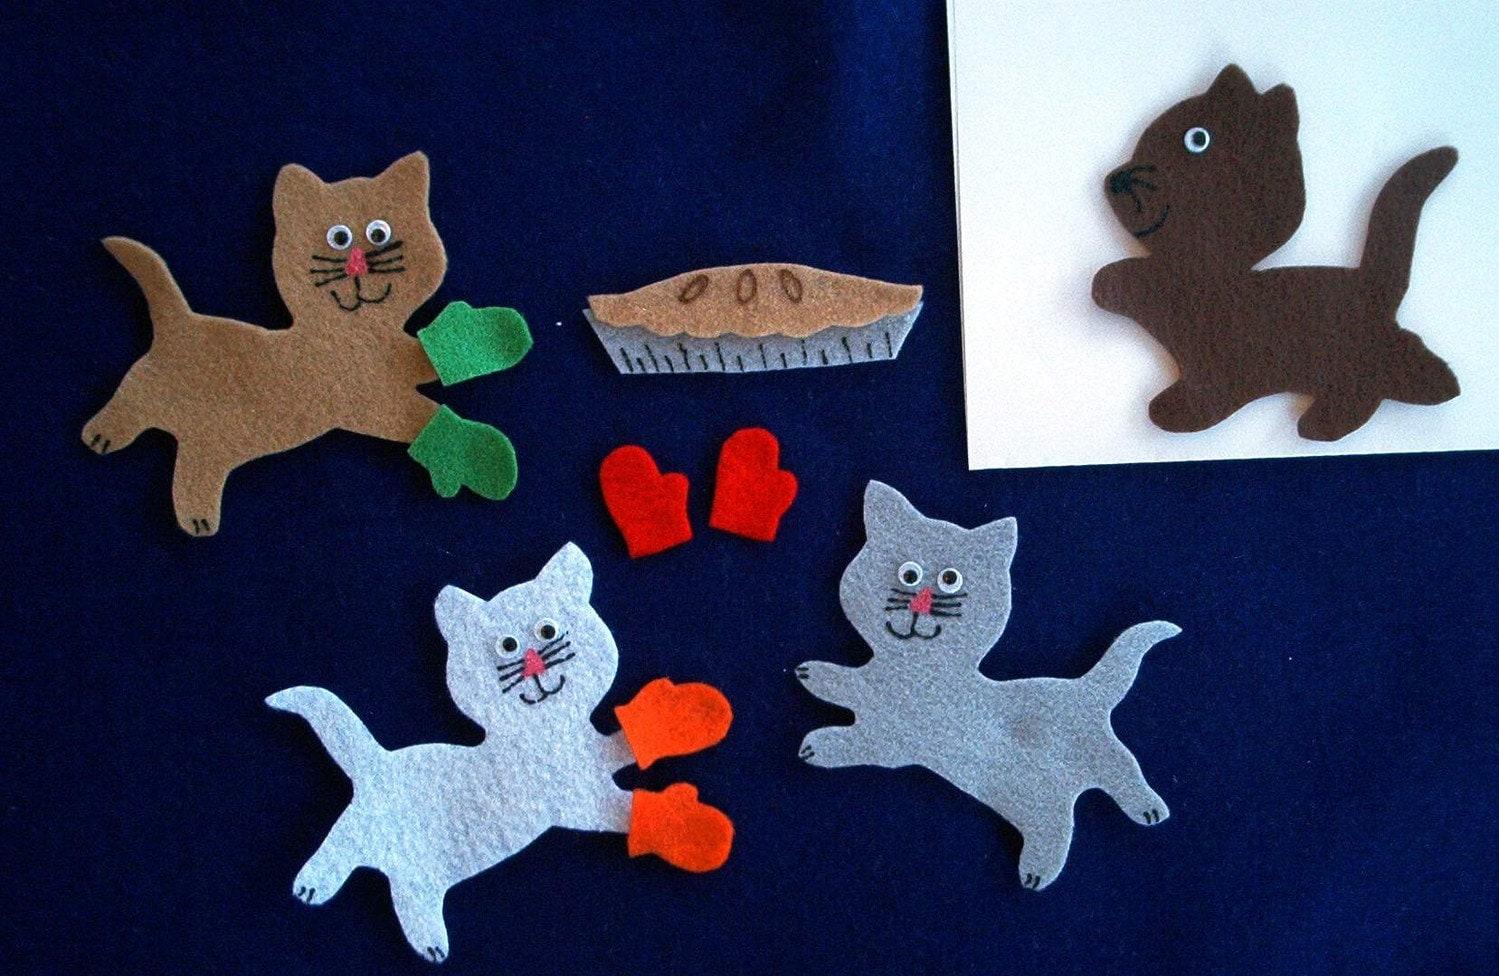 3 Little Kittens Flannel Board Felt Story Set And Bonus Felt